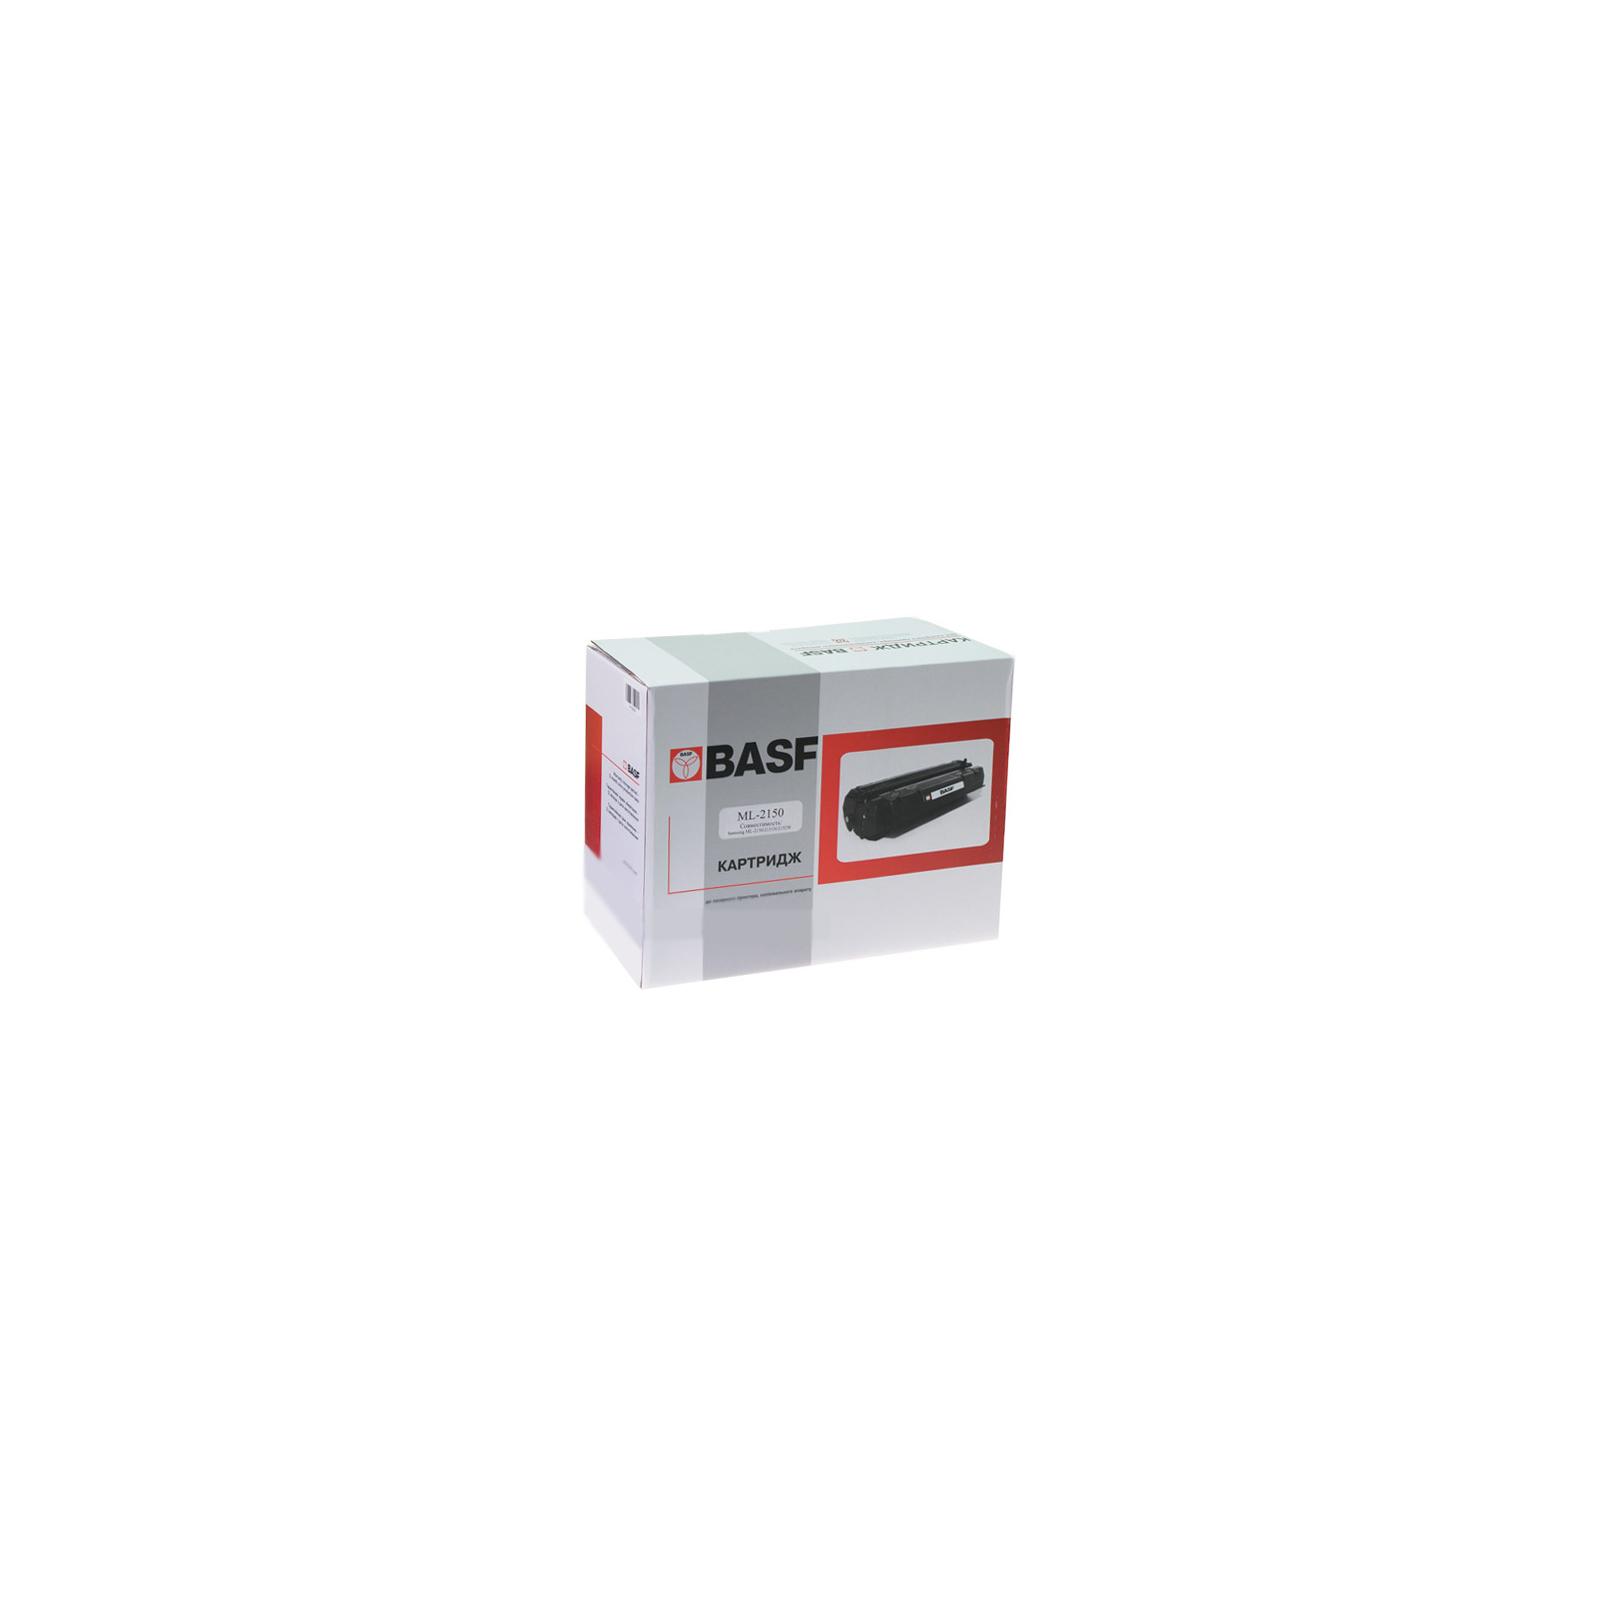 Картридж BASF для HP CLJ 3600/3800 Yellow (KT-Q6472A)